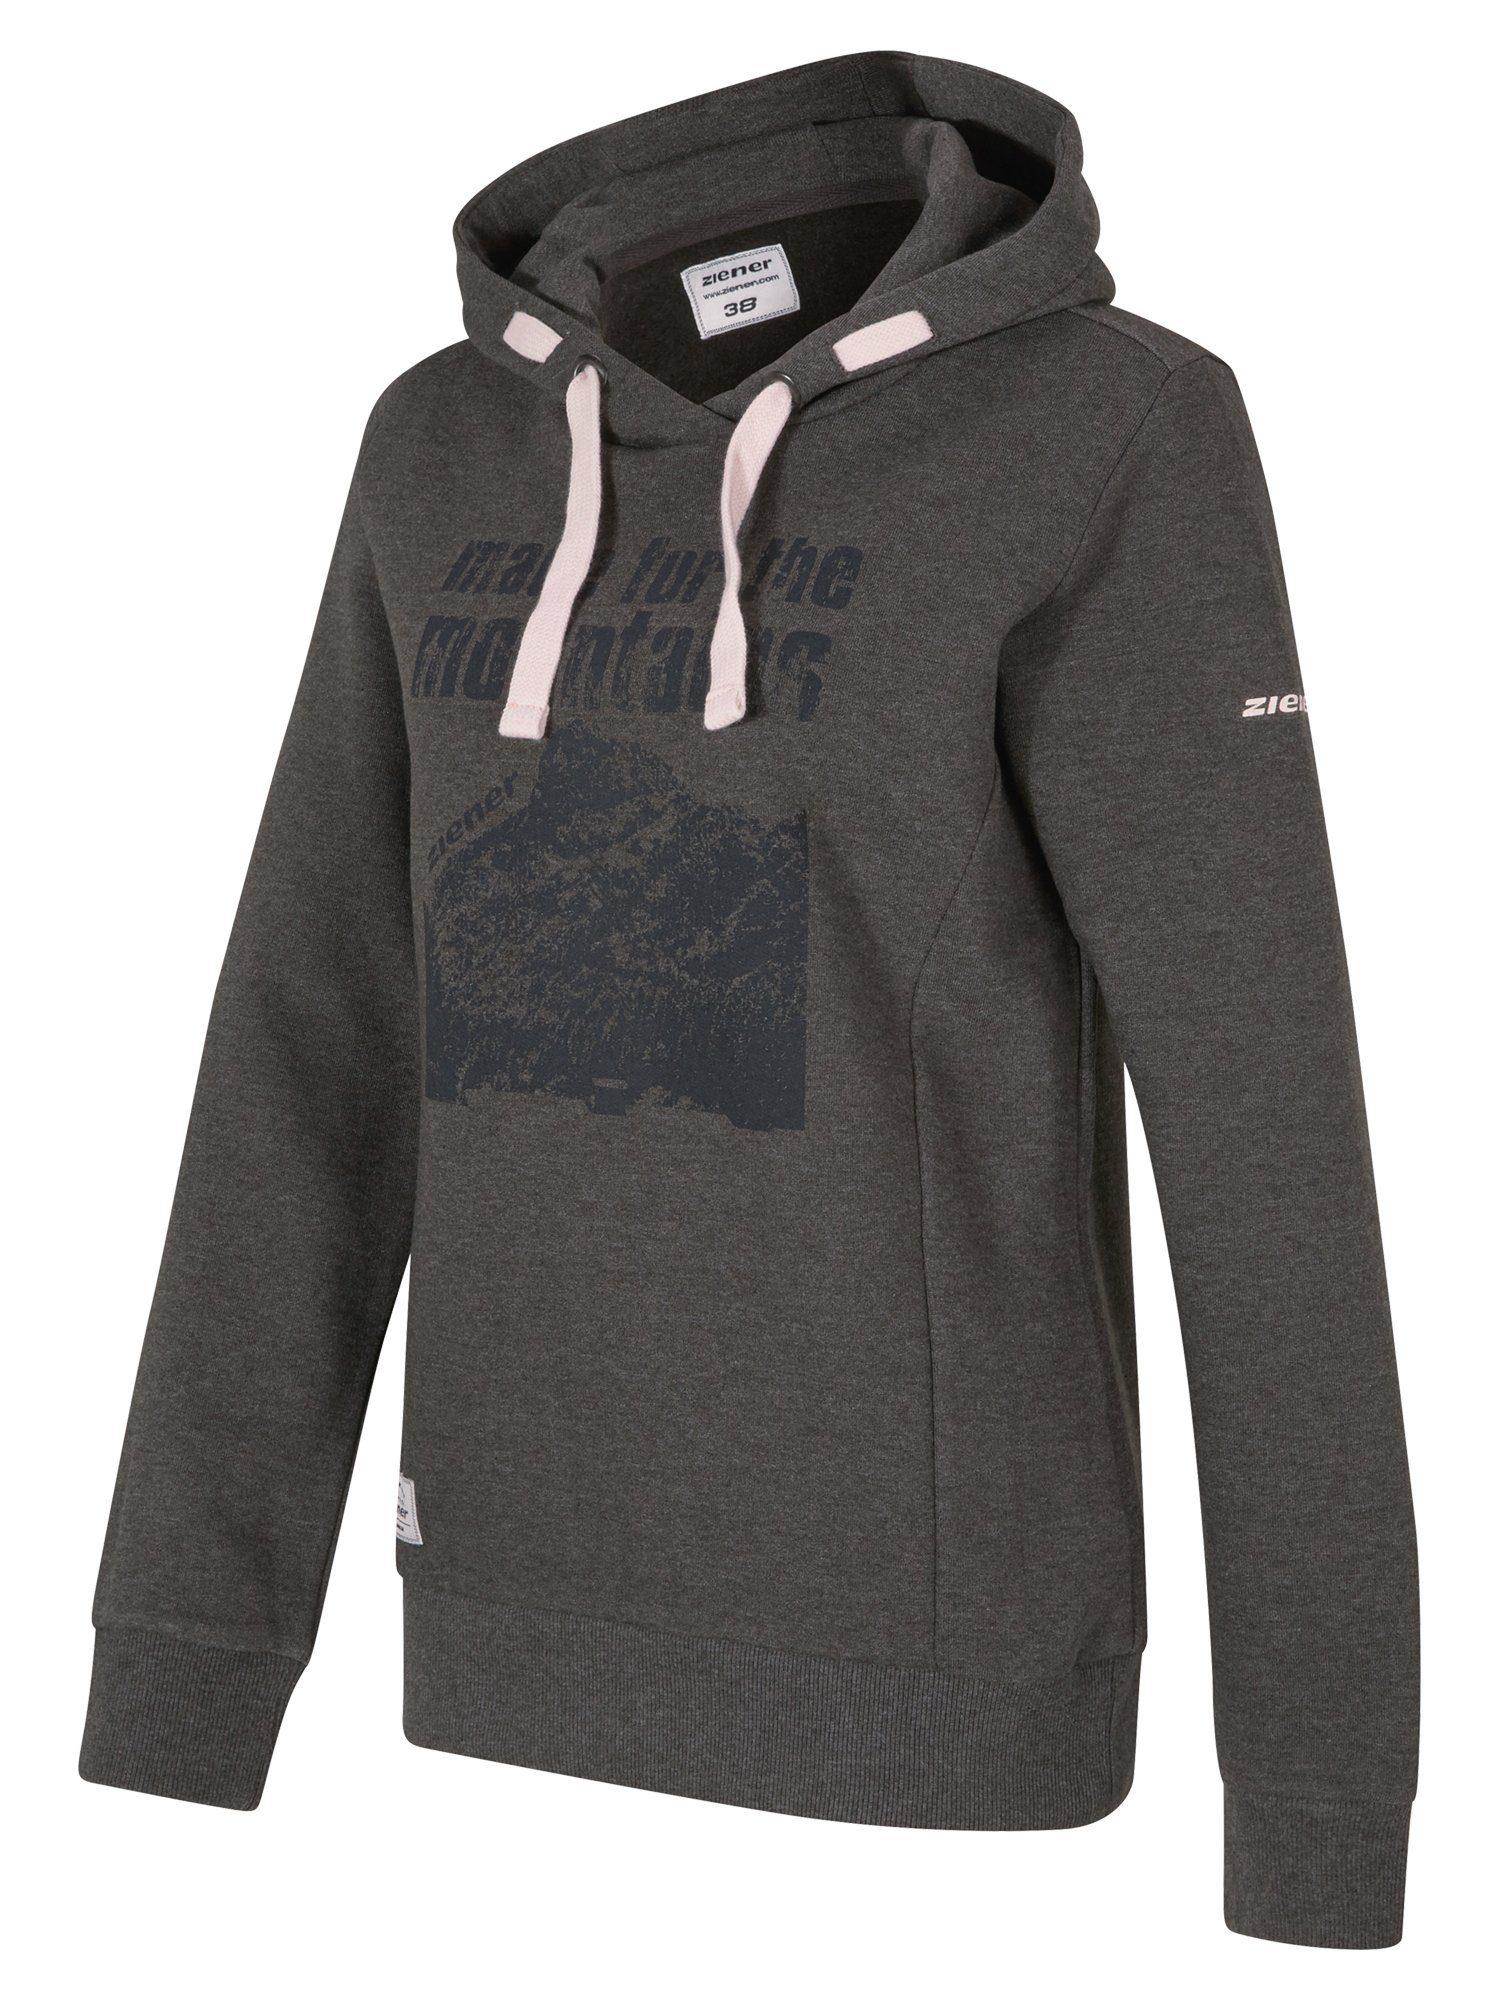 Stickerei schwarz Hoodie Gr 34 bis 44 Jacke Heine Sweatshirtjacke m